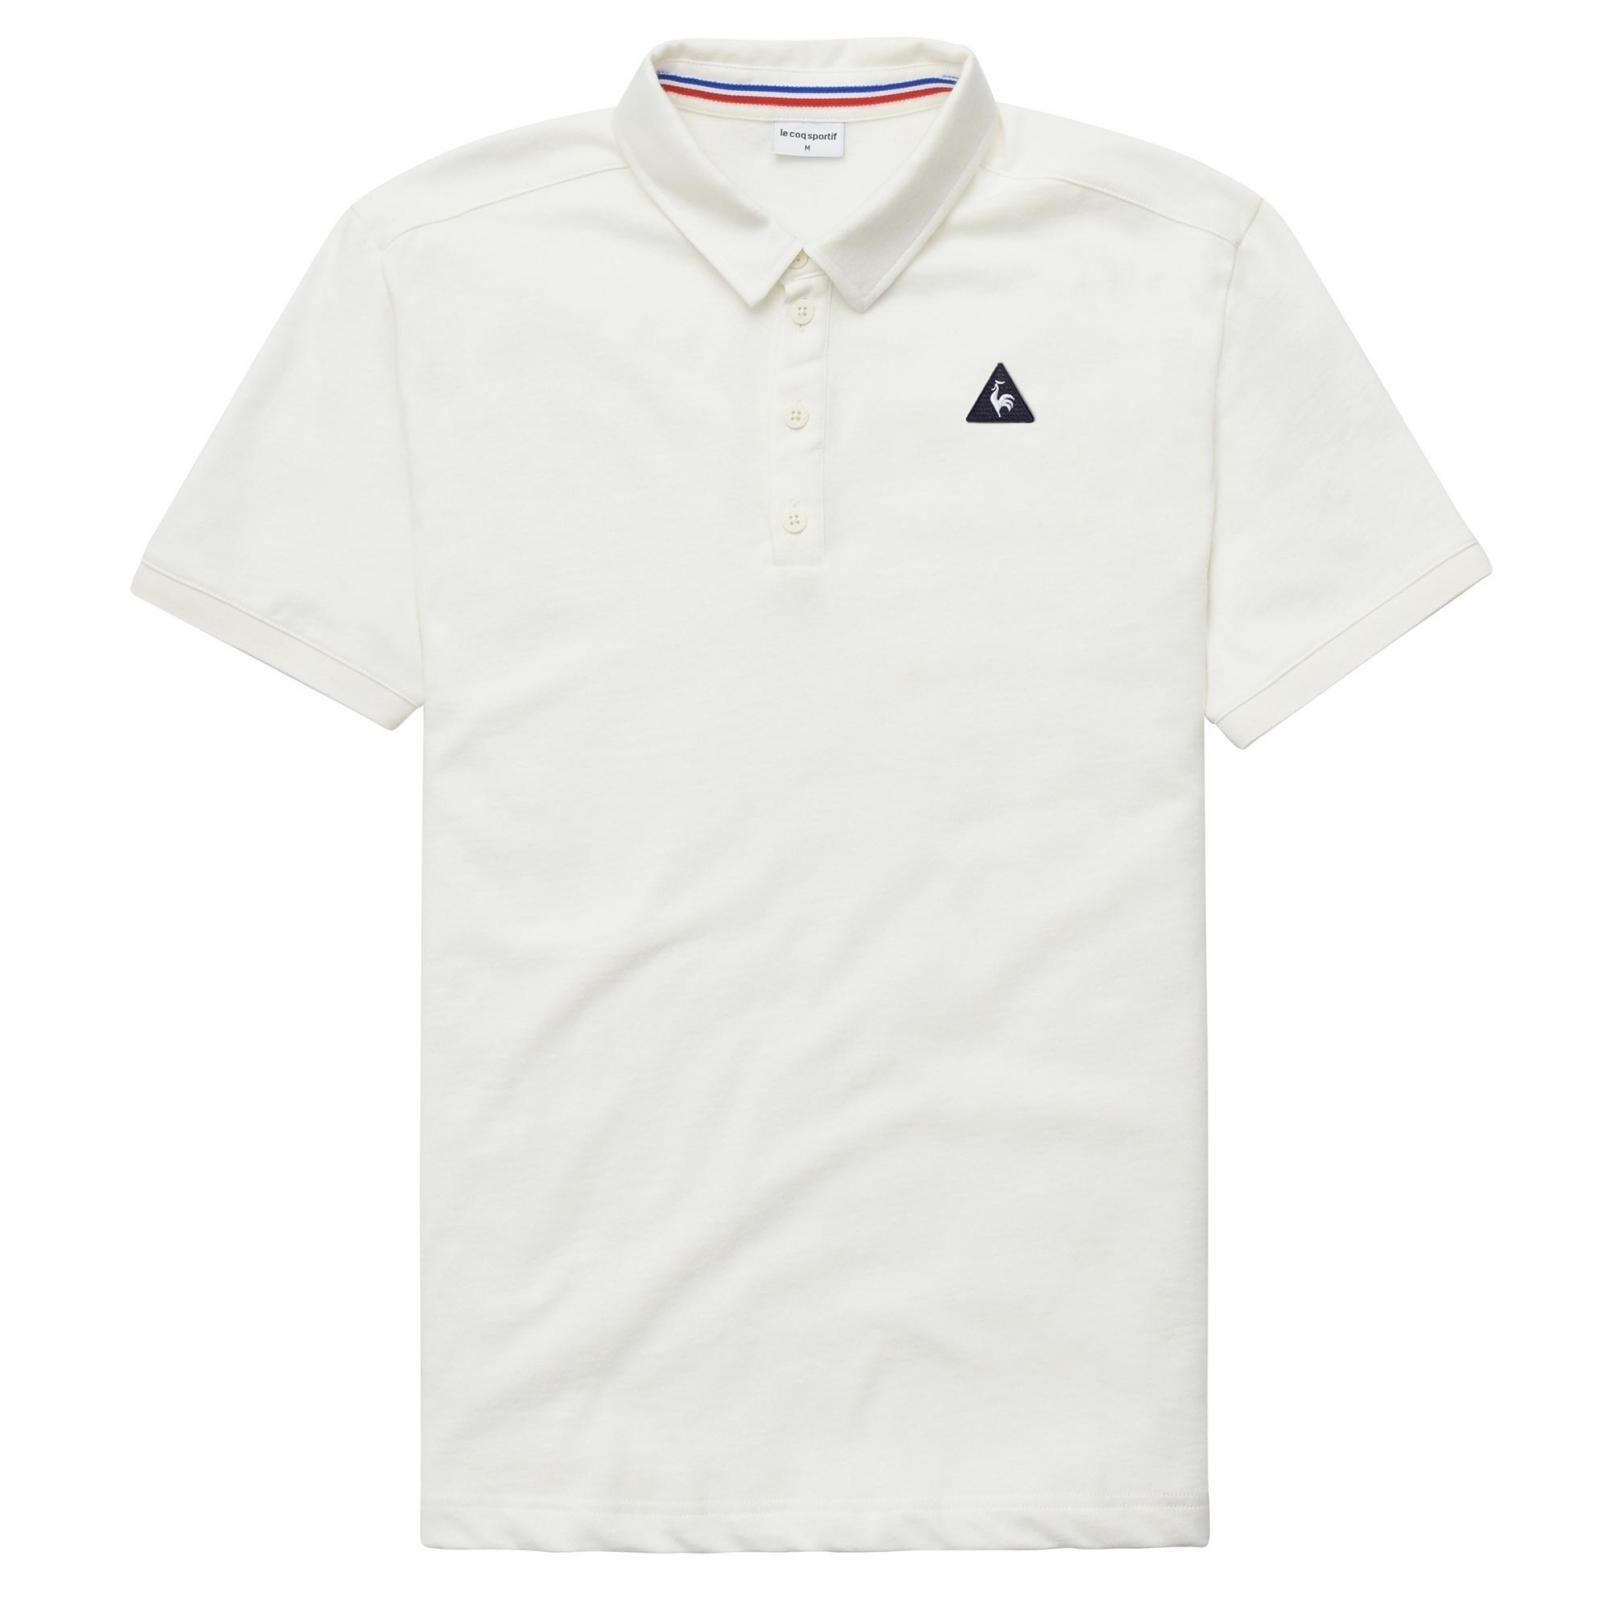 Polo – Le Coq Sportif Essentiels Polo White/Cream